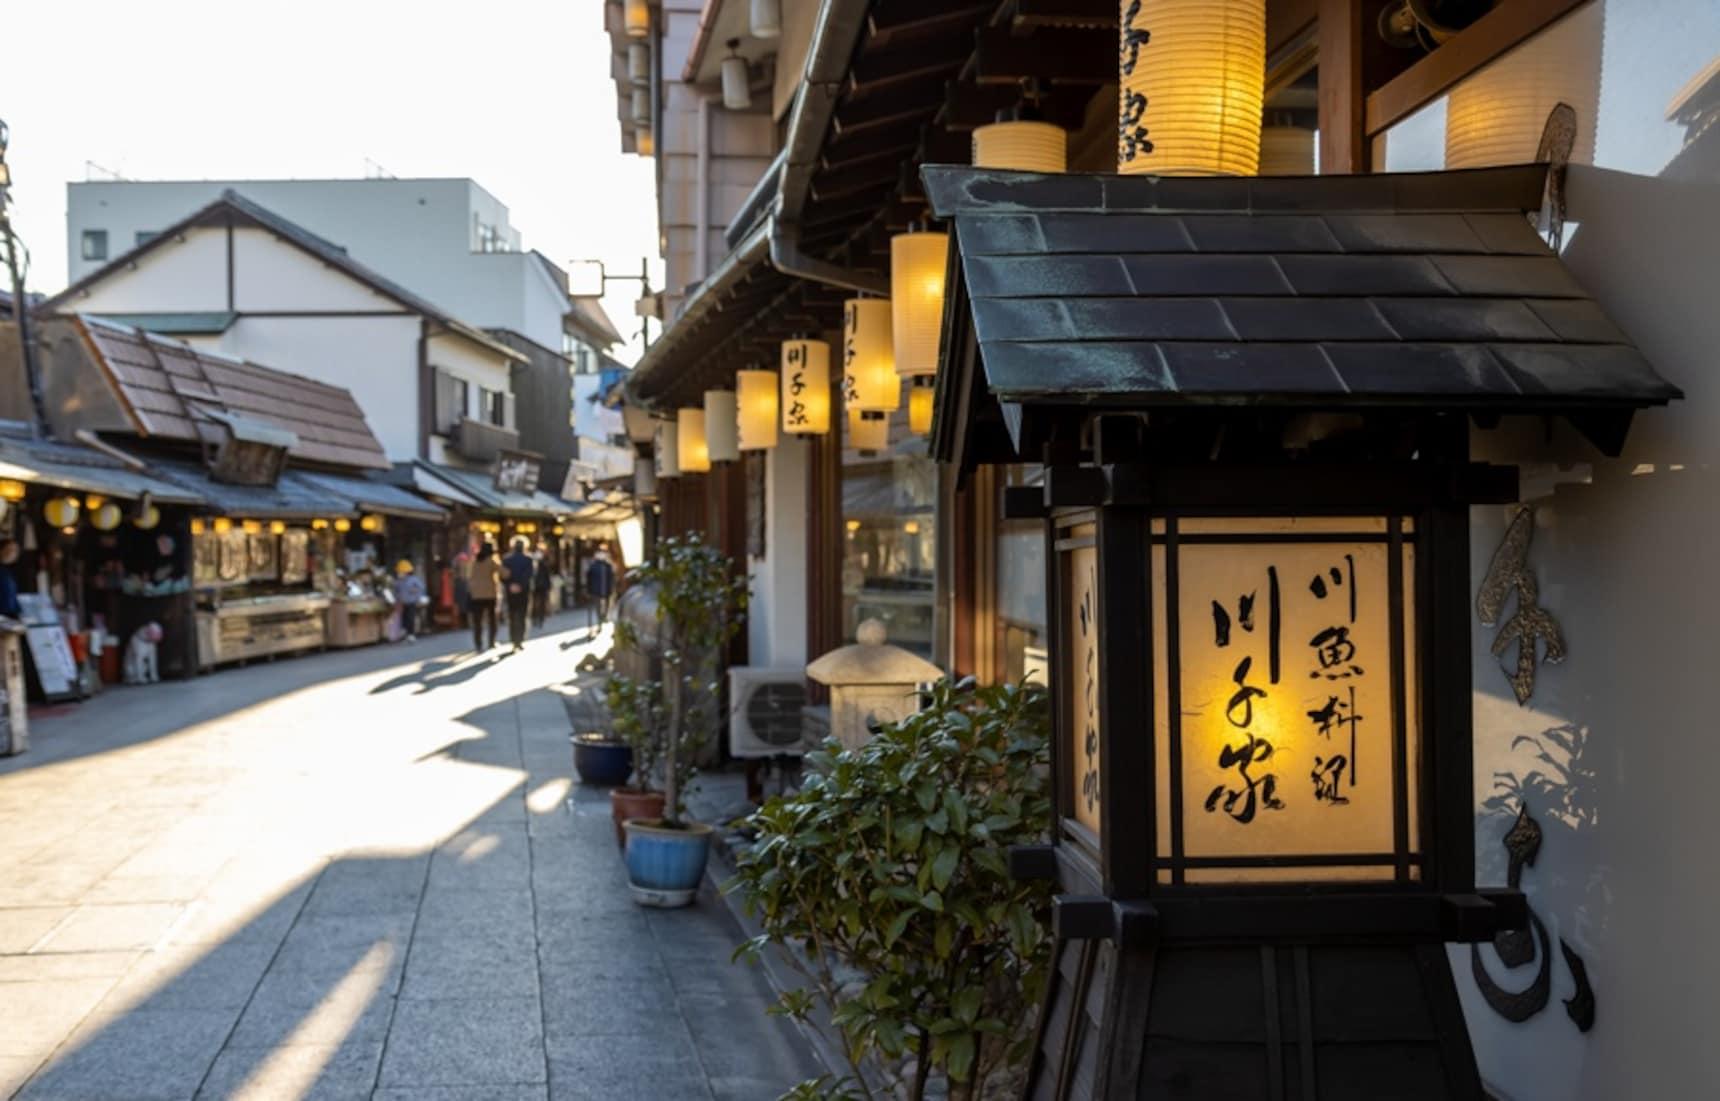 【食在東京】到擁有250年歷史的鰻魚飯老店「川千家」品嘗一口歷史